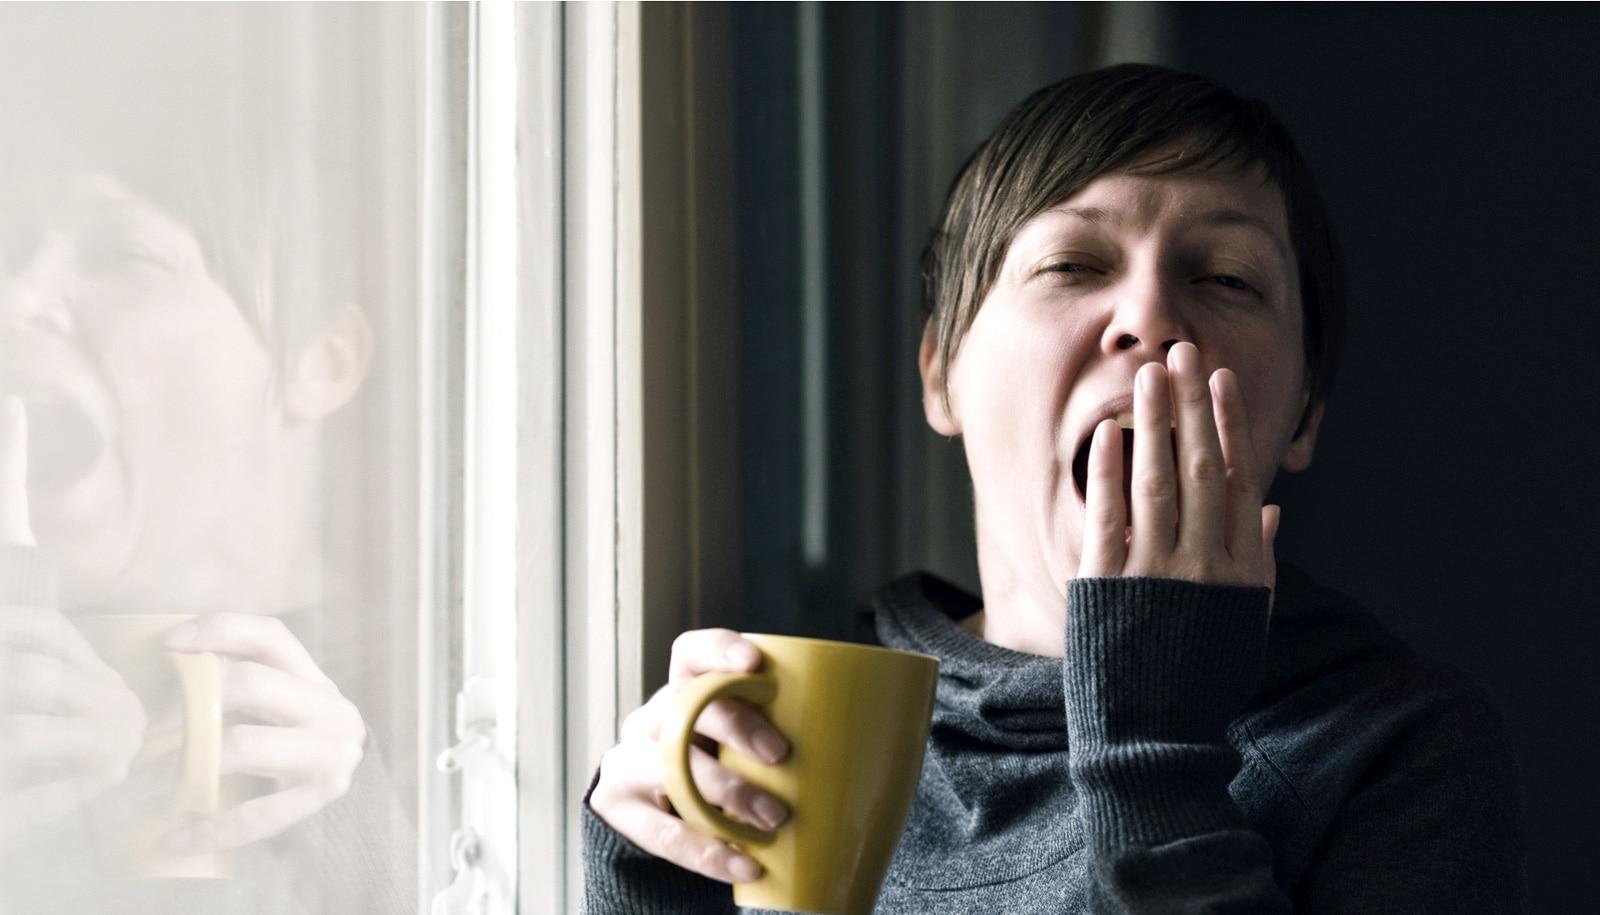 Just 1 night of bad sleep boosts amyloid beta in brain